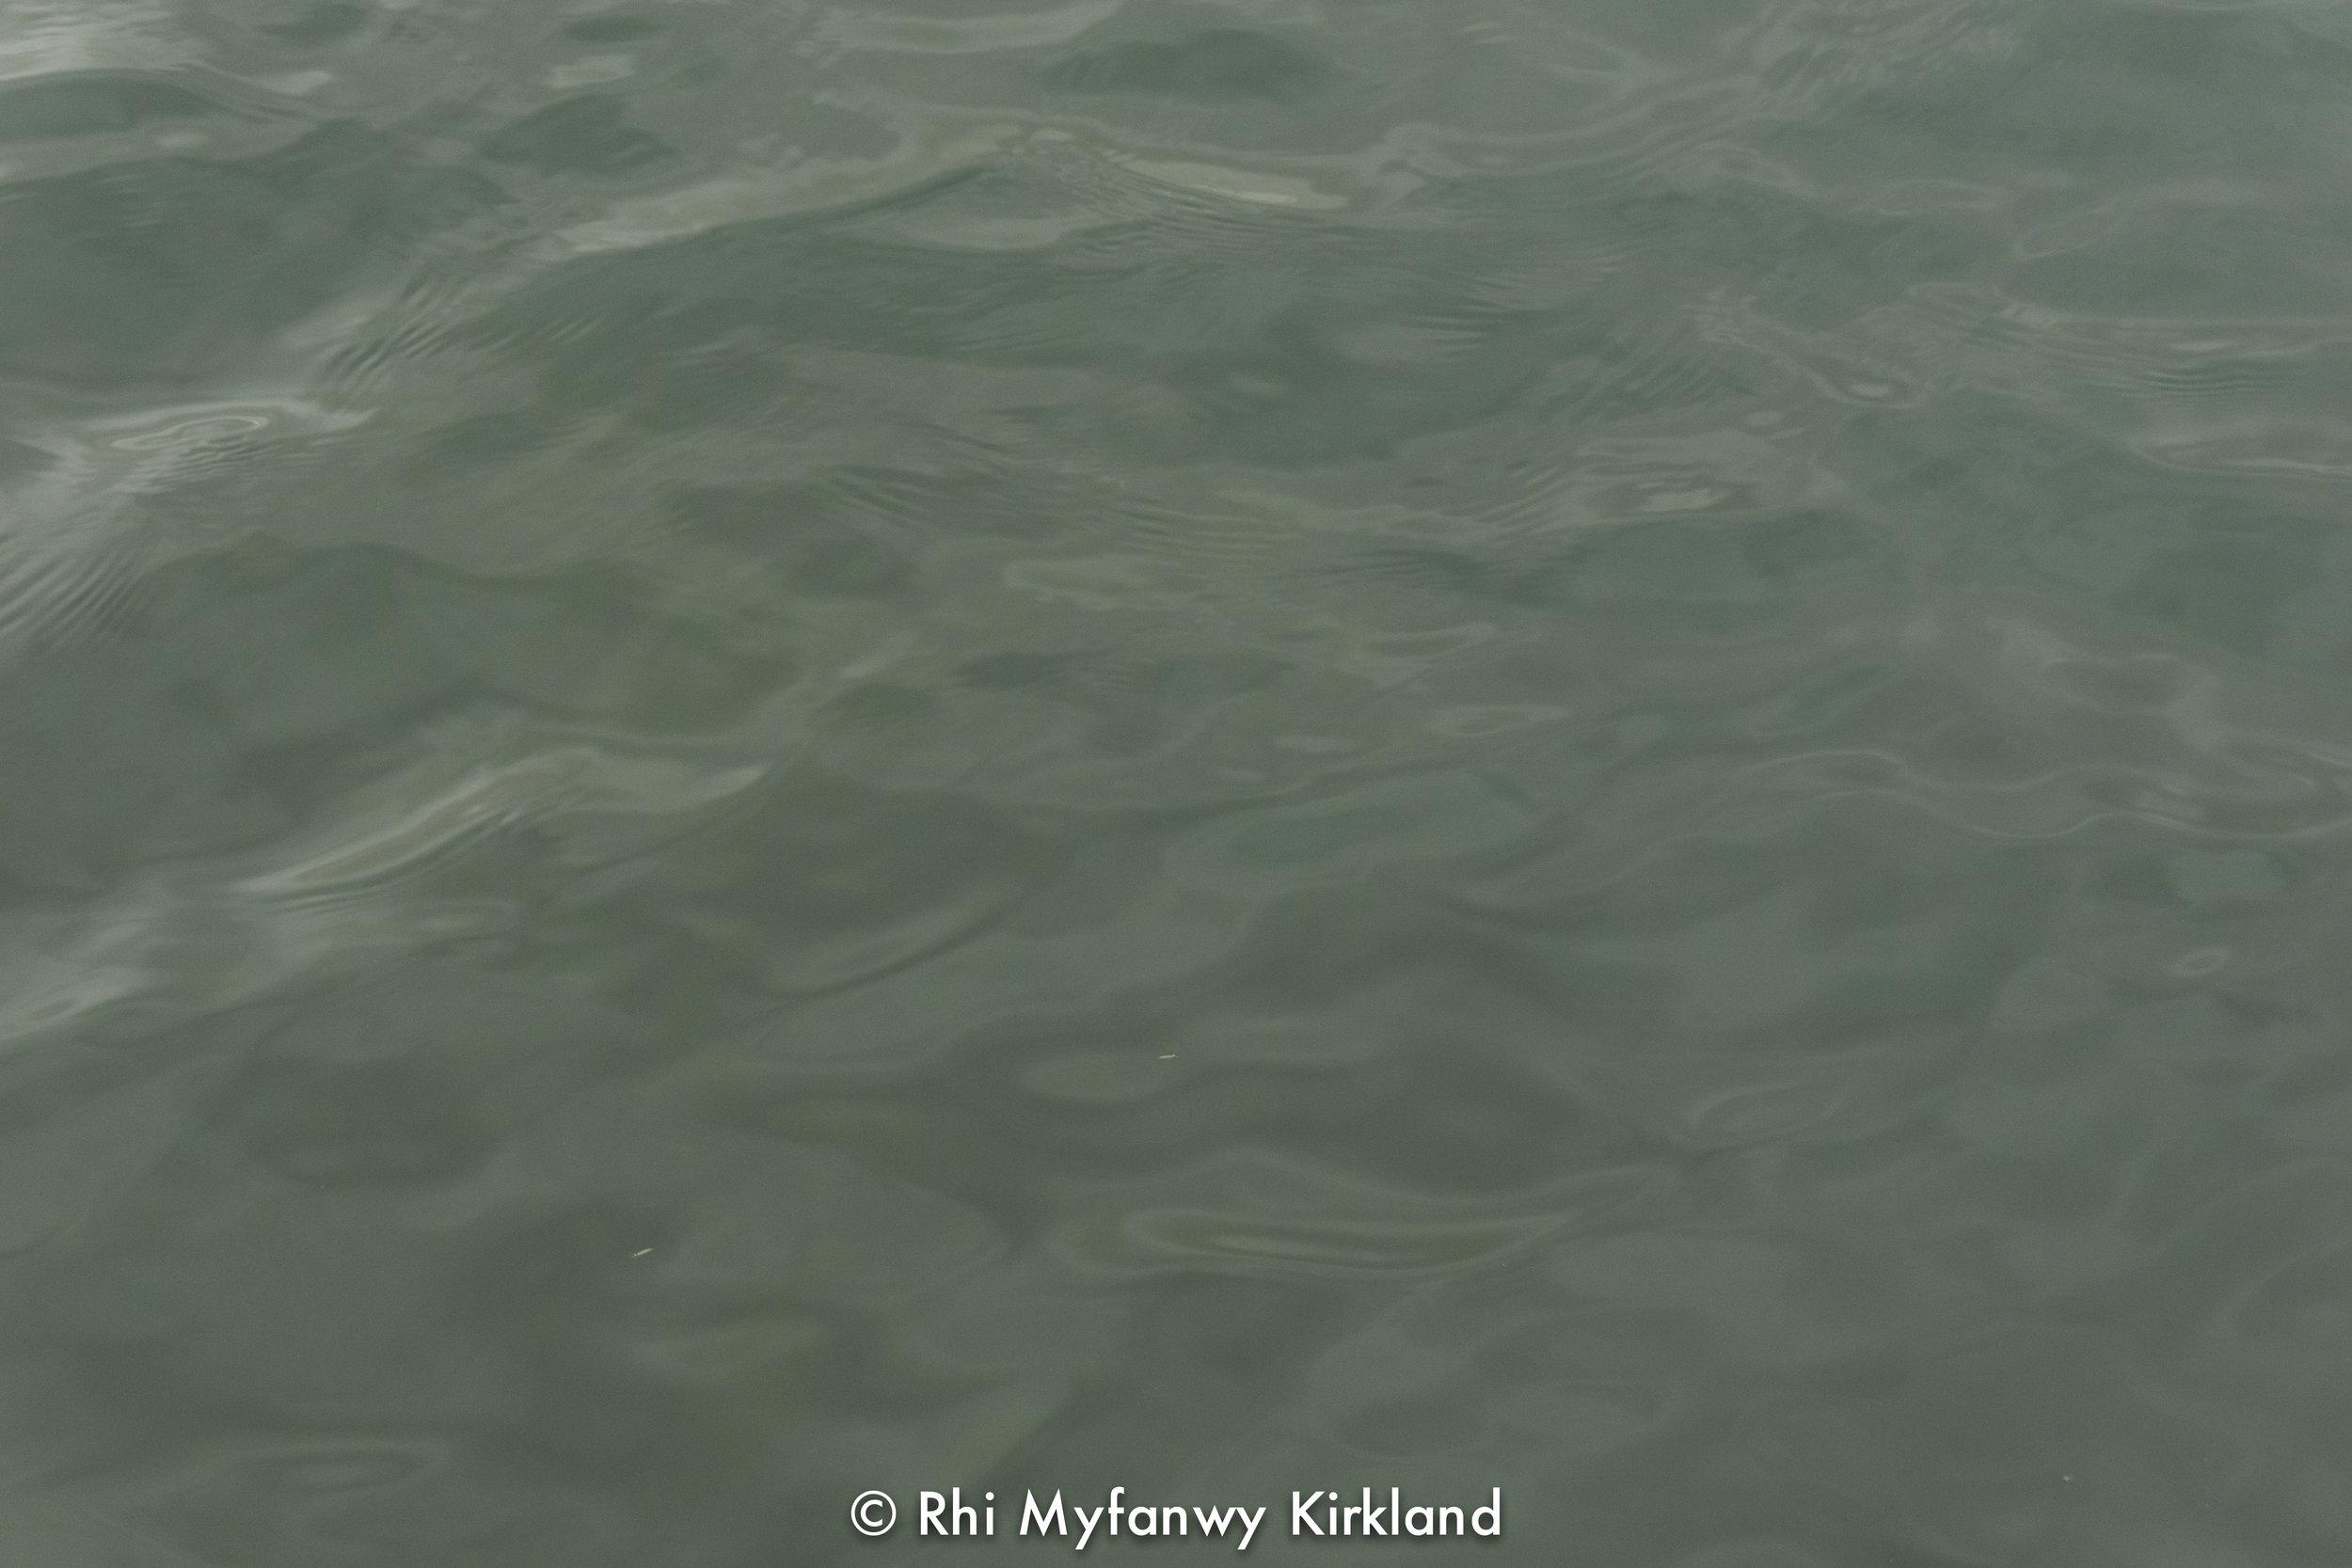 2017.09.22 watermark-4.jpg